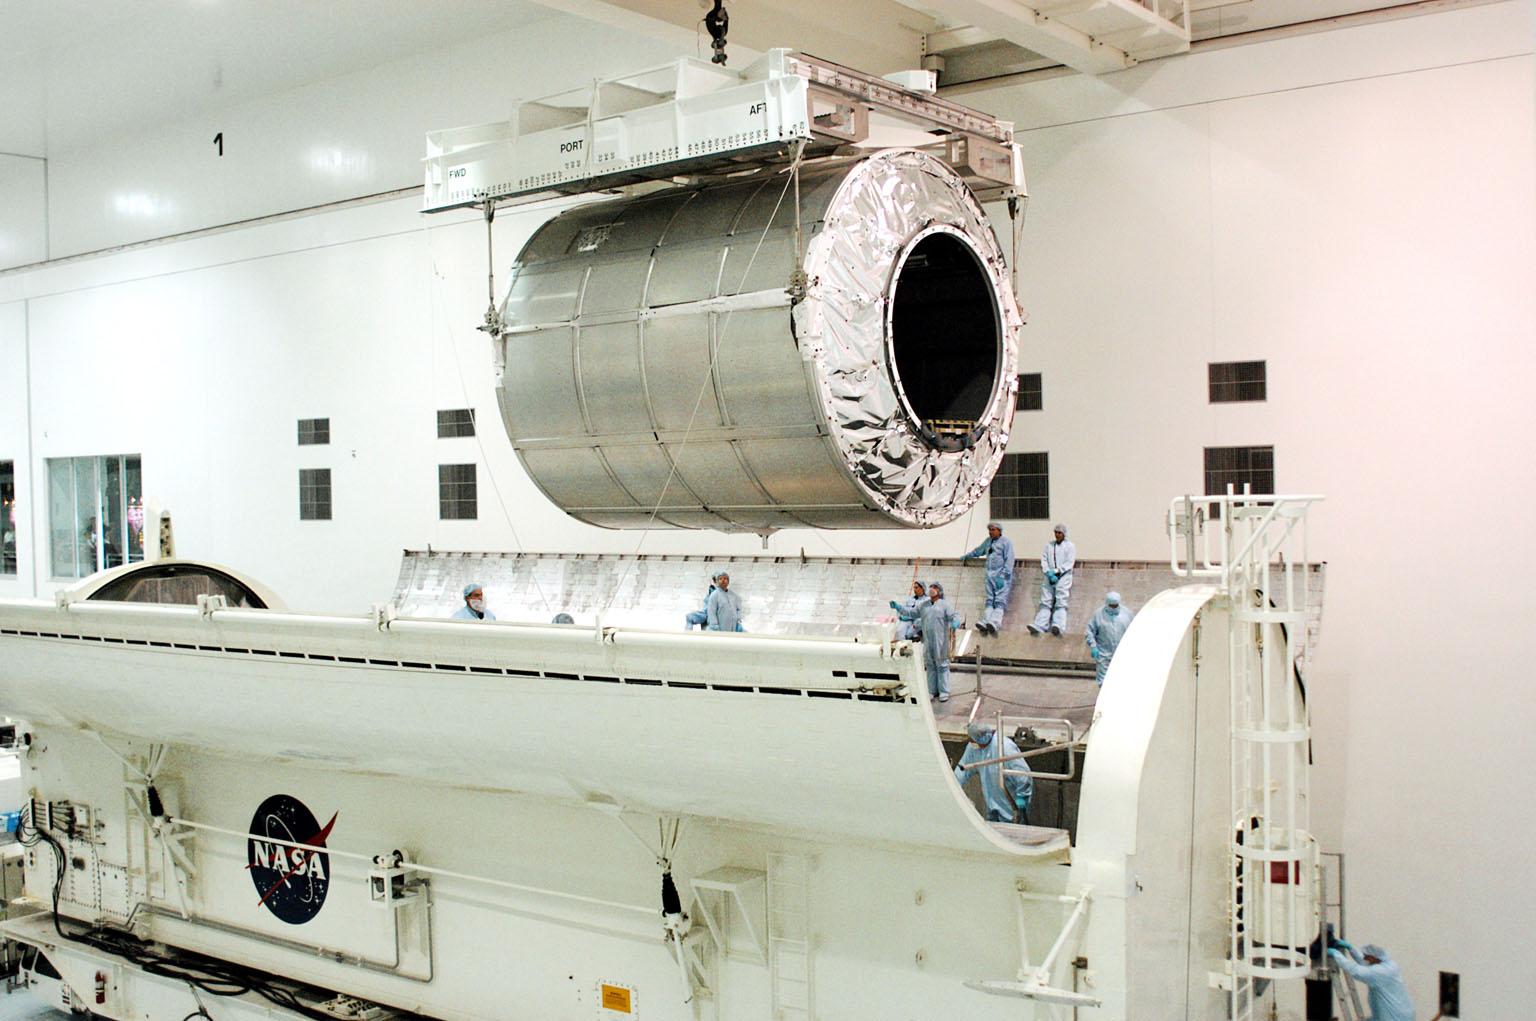 Lockheed Martin строит прототип обитаемого модуля для глубокого космоса - 1